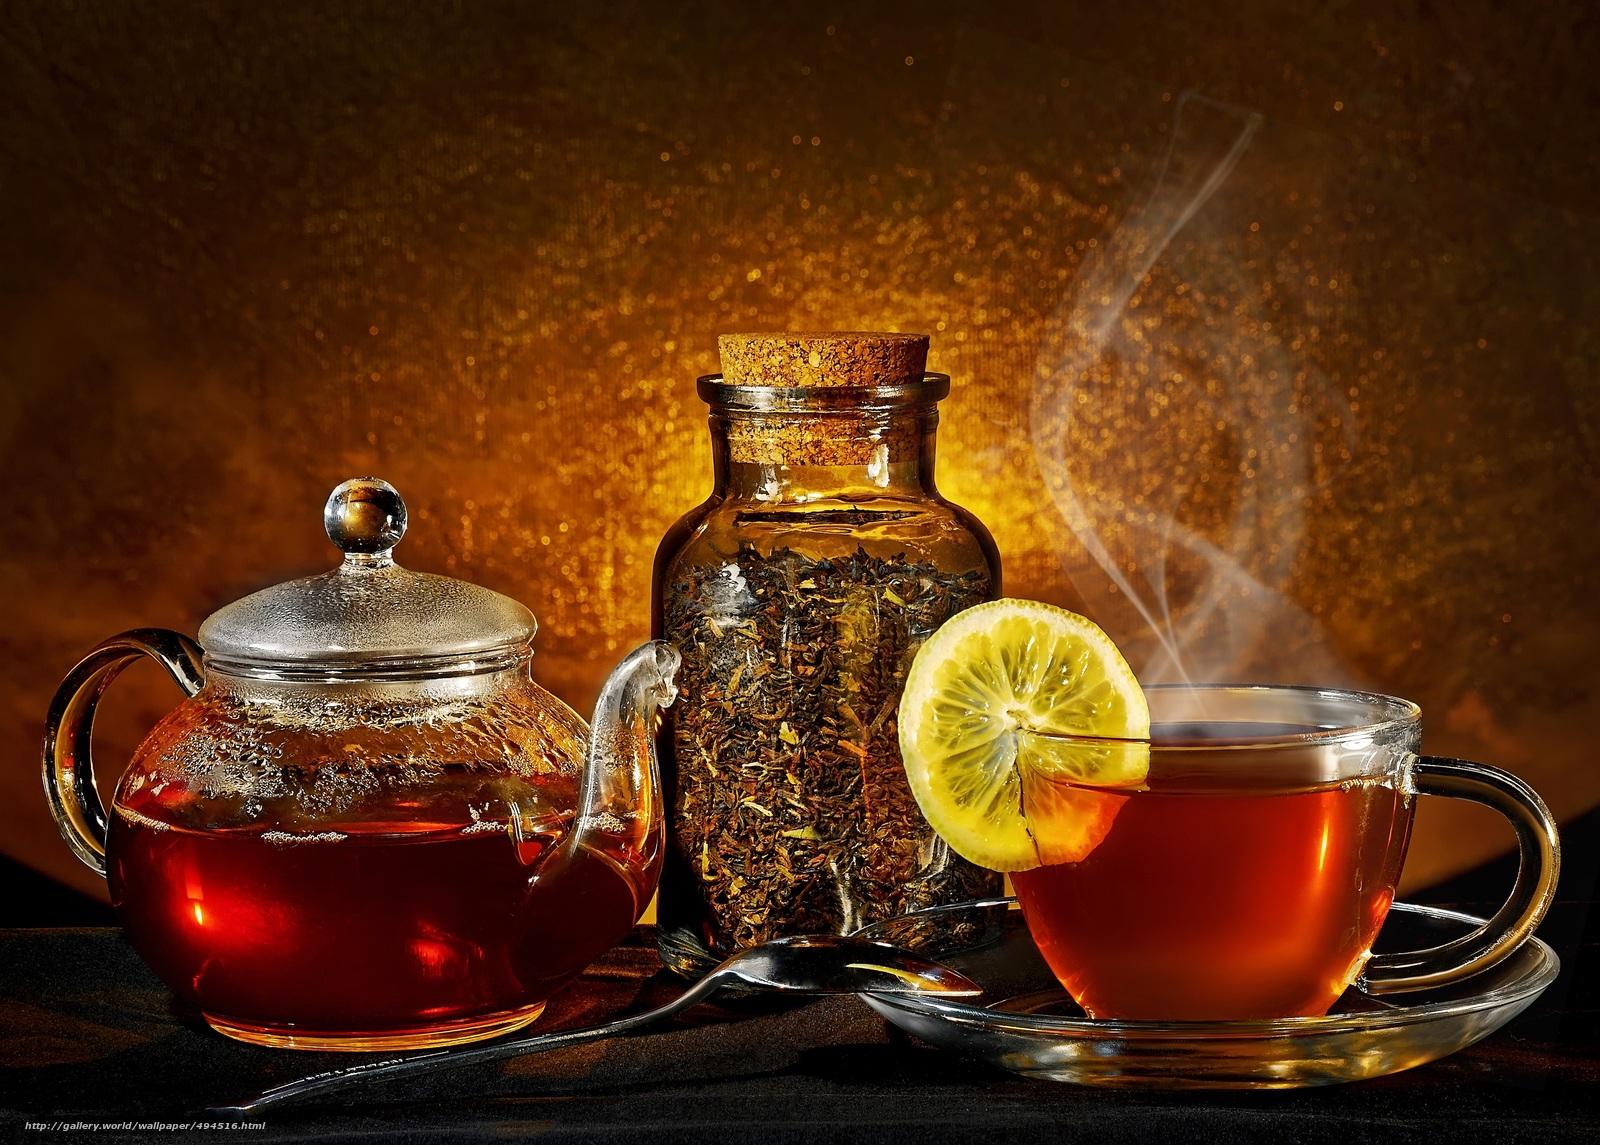 Download Hintergrund Tee, Kessel, Dampf, Tasse Freie desktop Tapeten ...